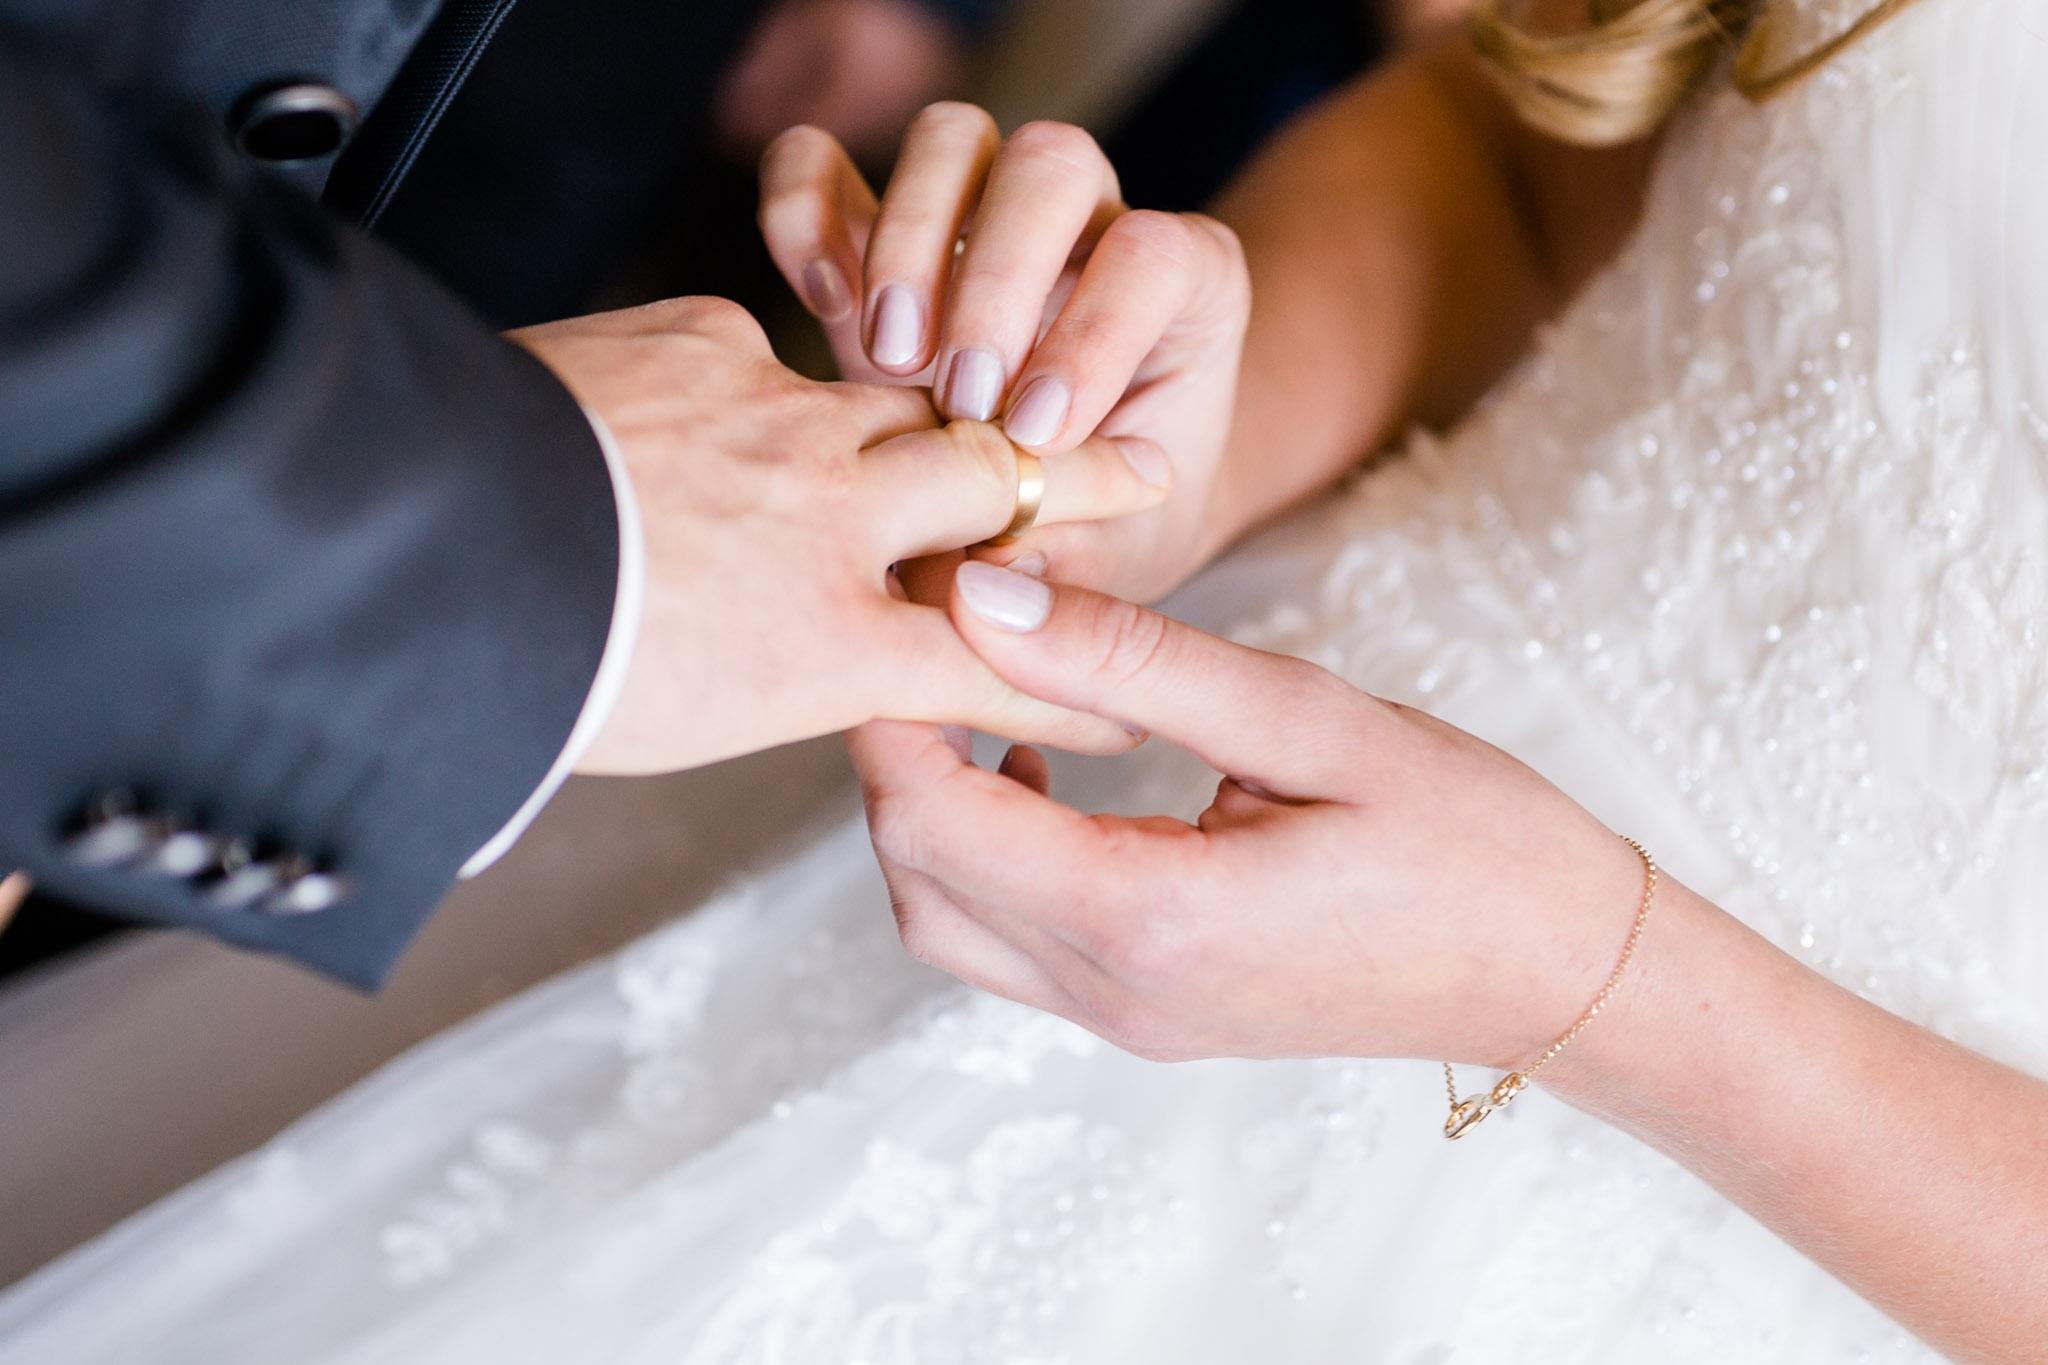 Schloß Lüdersburg Braut steckt Bräutigam Rin an den Finger